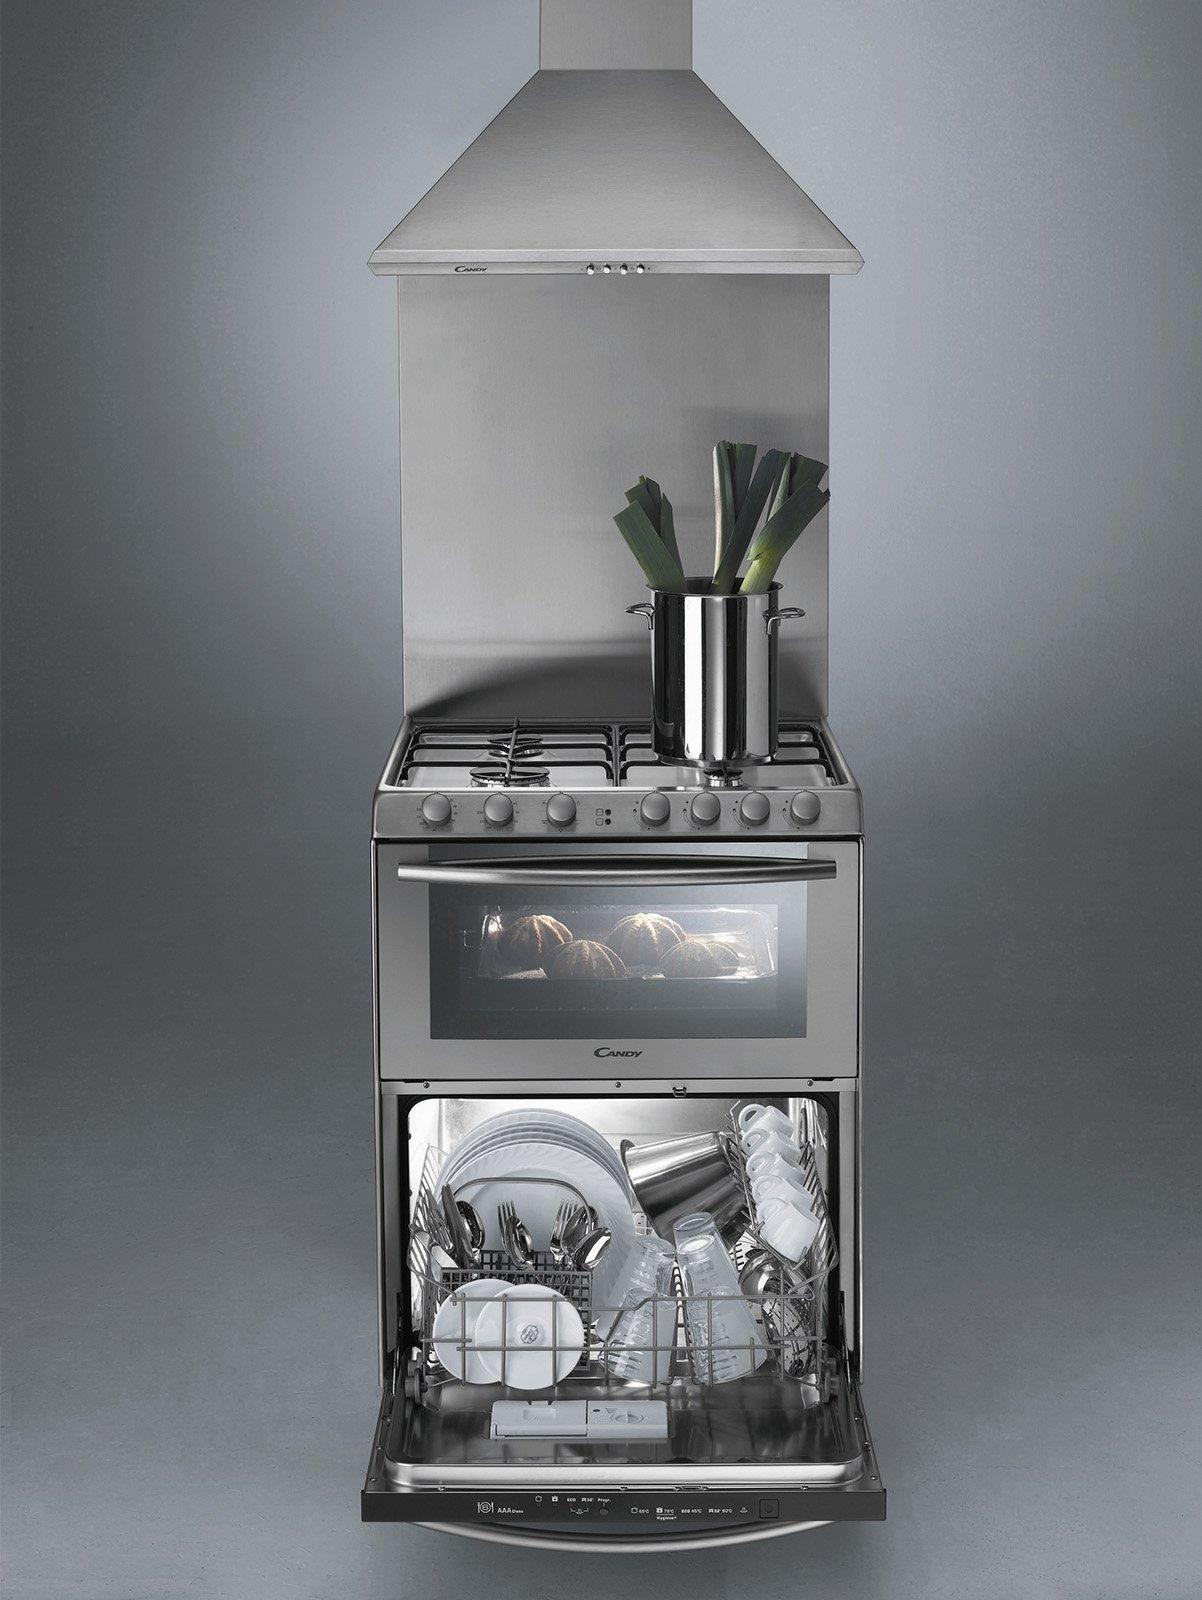 Elettrodomestici salvaspazio prestazioni standard - Congelatore piccole dimensioni ...